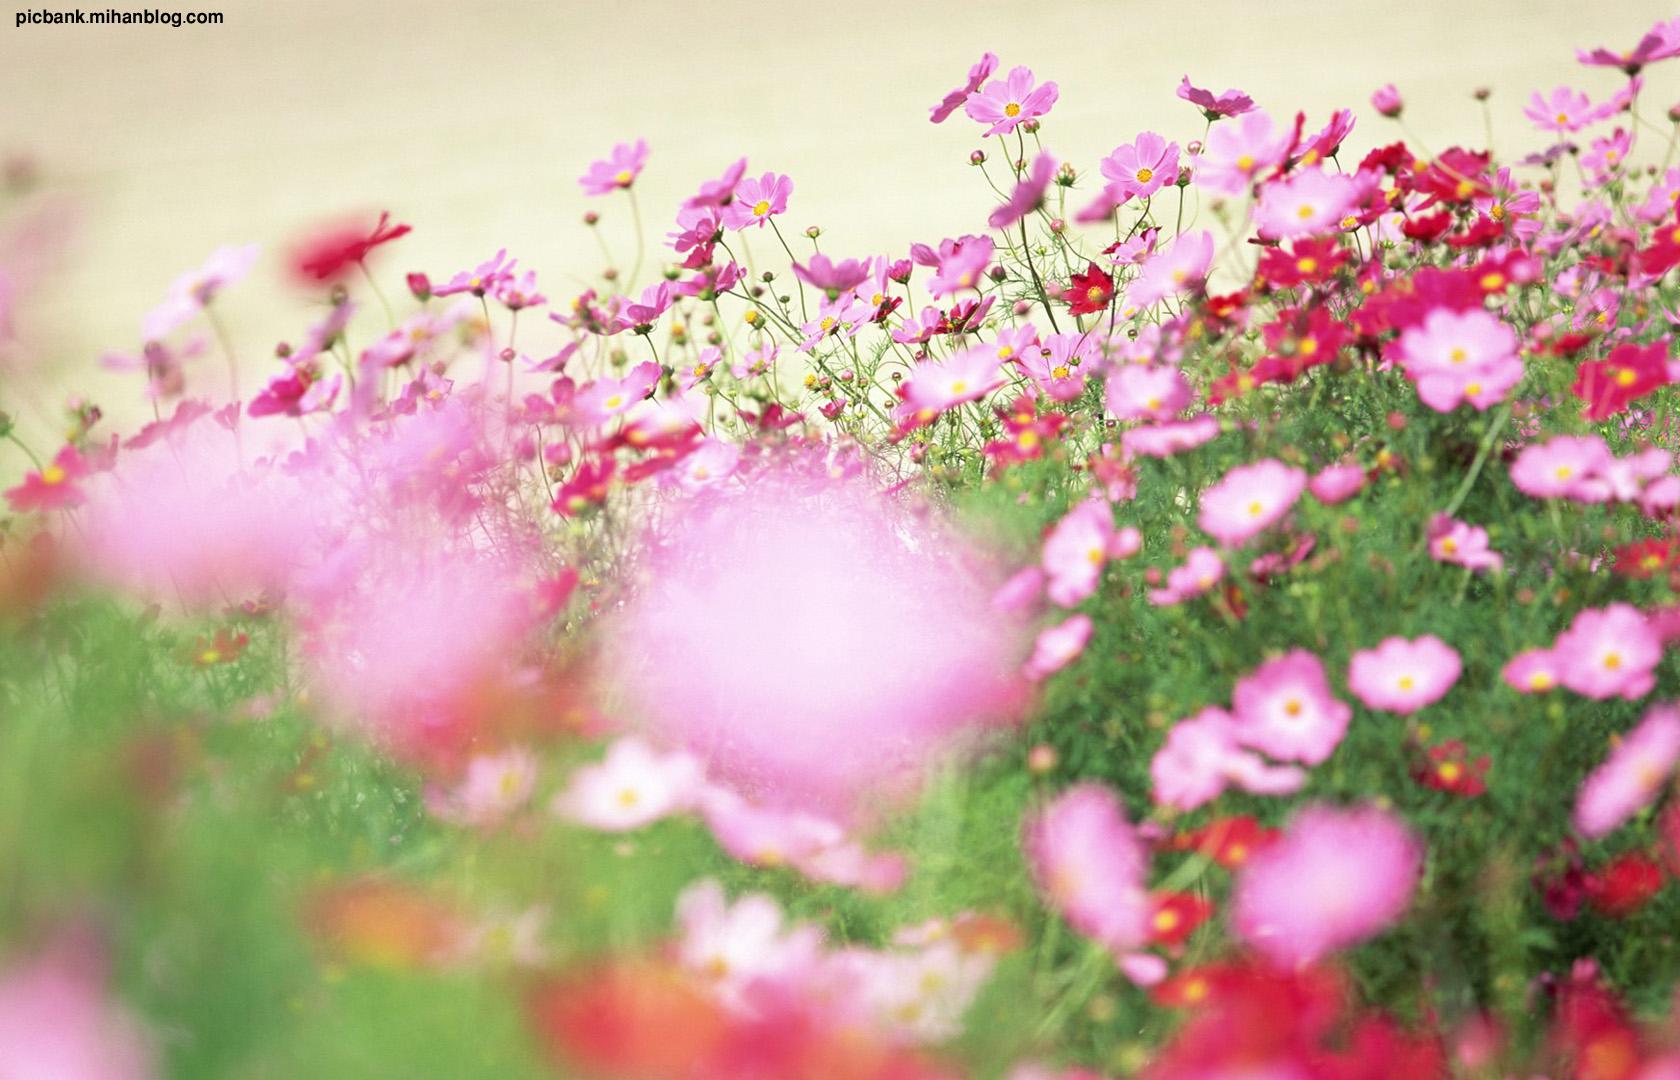 عکس ، عکسهای زیبا ، عکسهای لطیف ، عکس های زیبا ، عکس های لطیف ، گل ، گلها ، گل های زیبا ، گلهای زیبا ، گل زیبا ، گلهای لطیف ، گل های لطیف ، گل صحرایی ، گلهای صحرایی ، گل رنگارنگ ، گلهای رنگارنگ ، والپیپر ، والپیپرهای زیبا ، والپیپر گل ، والپیپرهای گل ، والپیپرهای گل ،